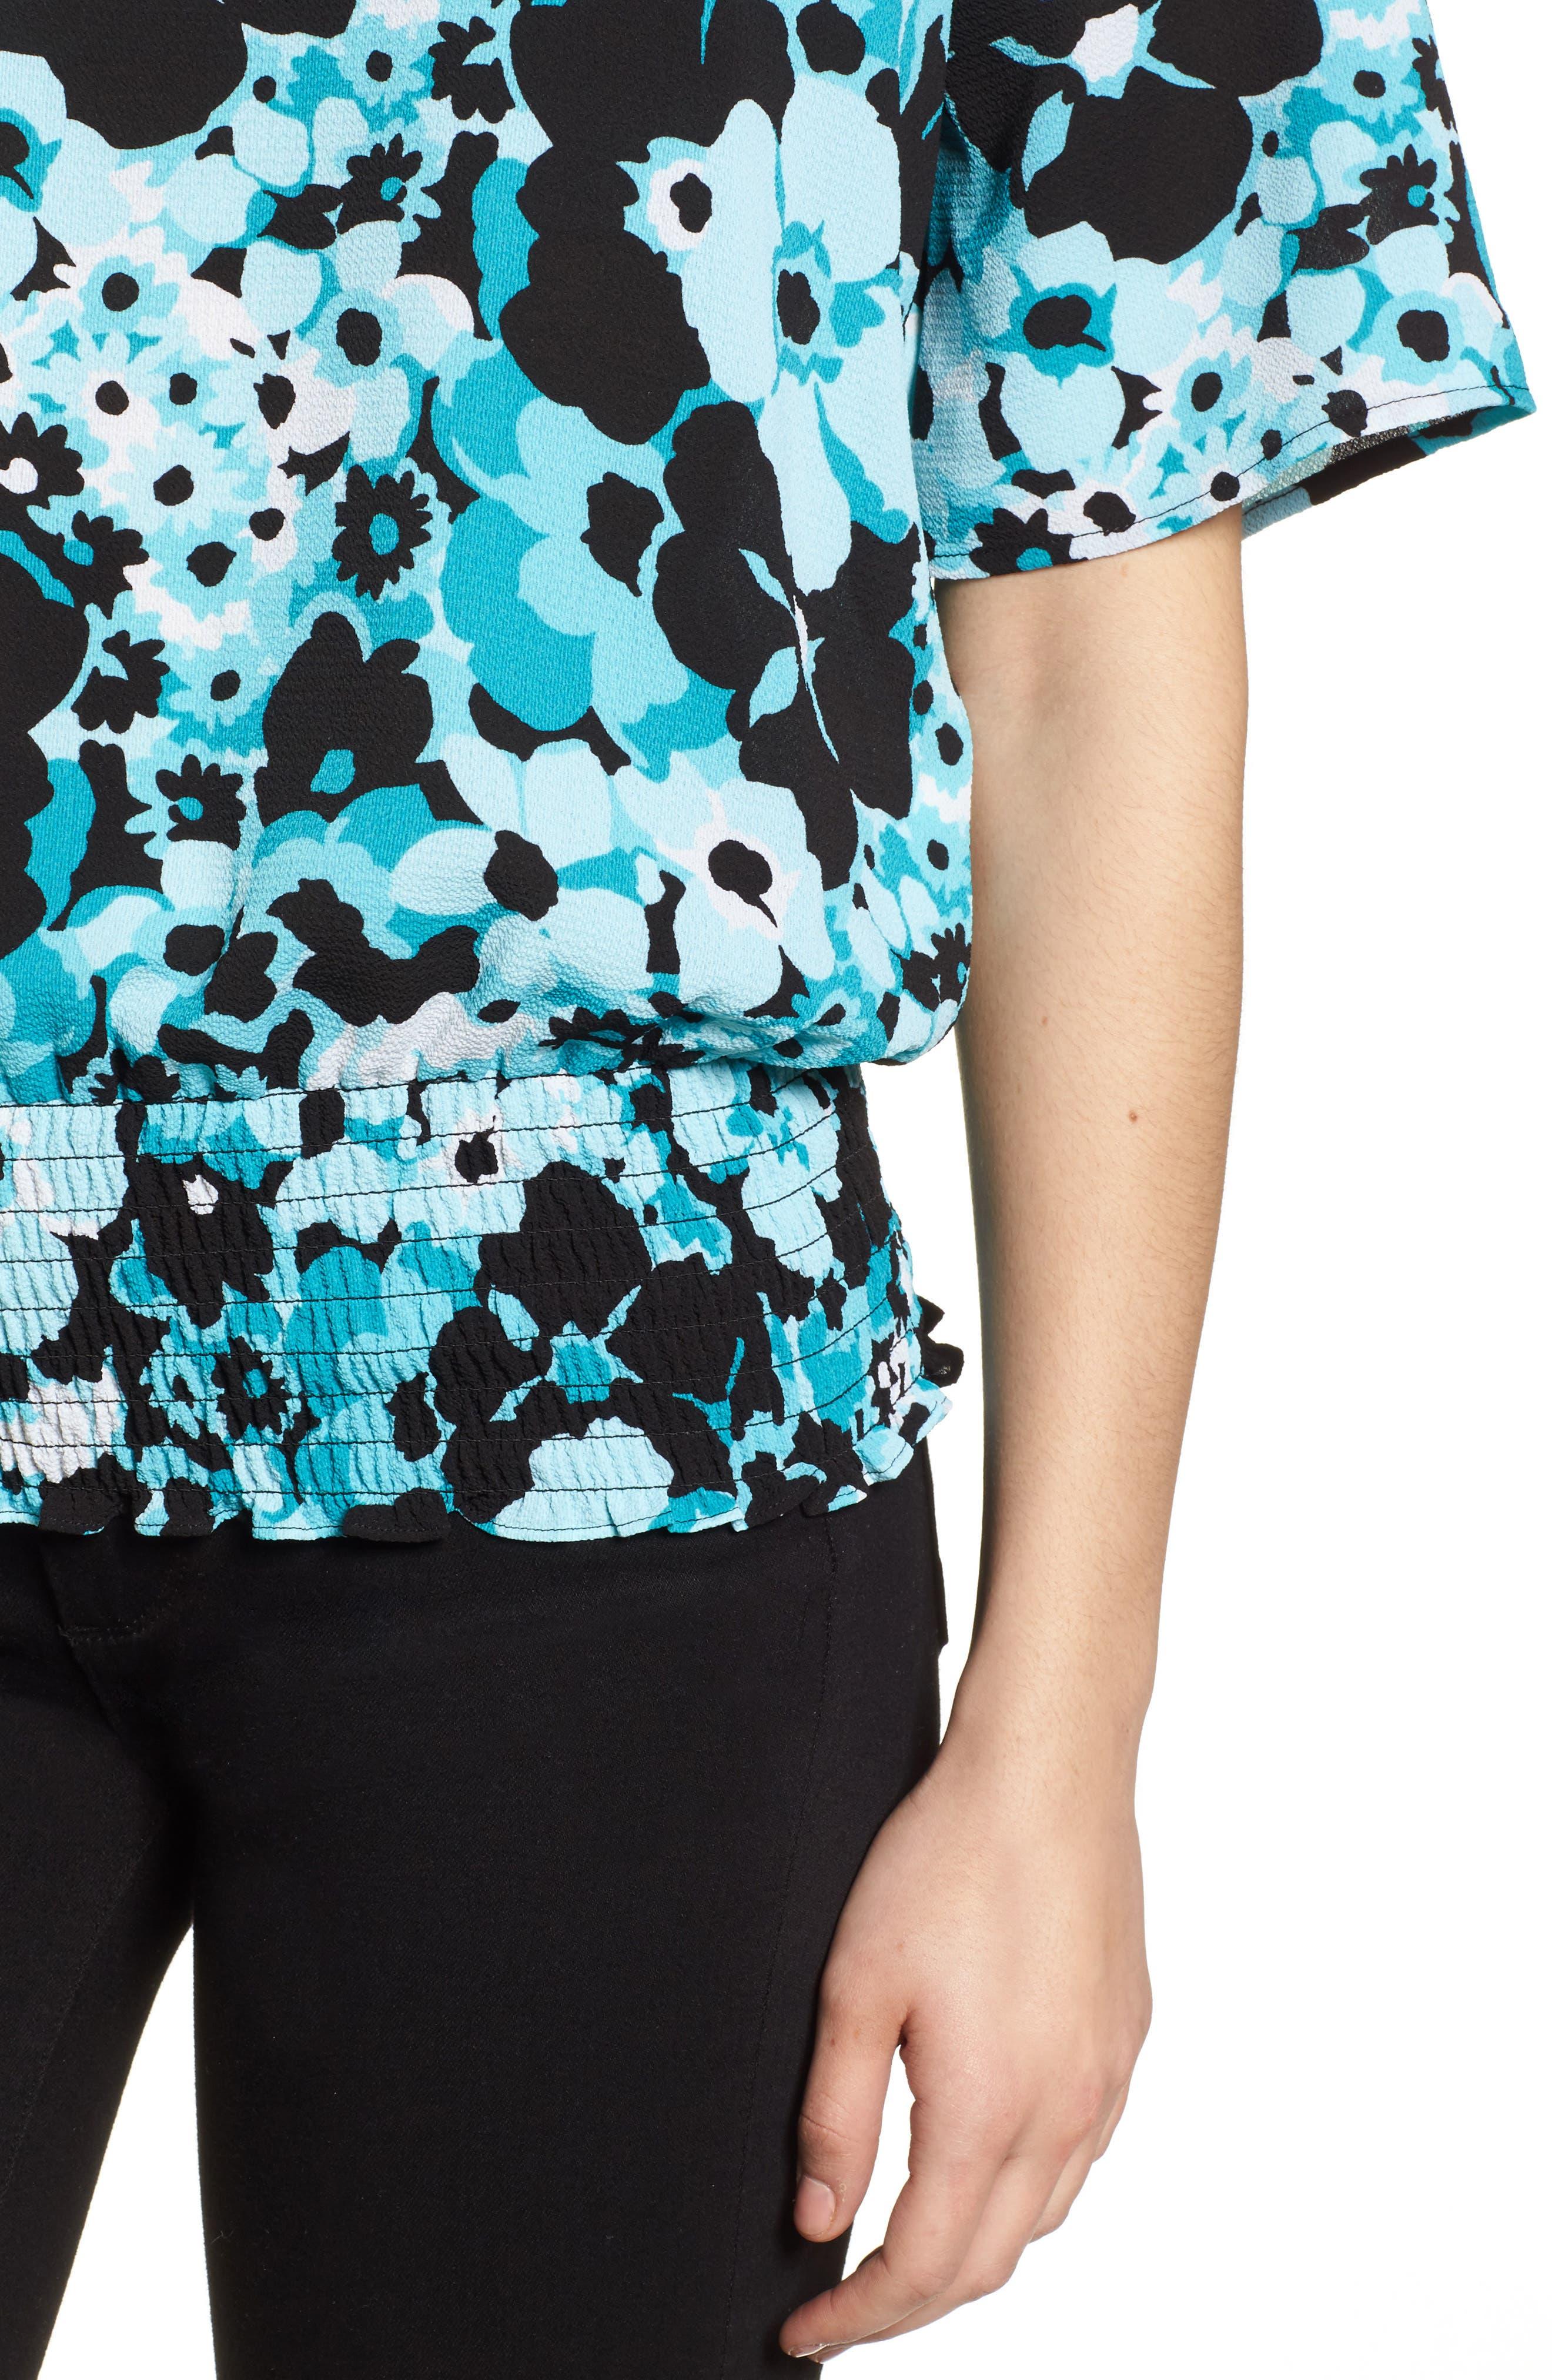 Springtime Floral Kimono Top,                             Alternate thumbnail 4, color,                             Tile Blue/ Black Multi